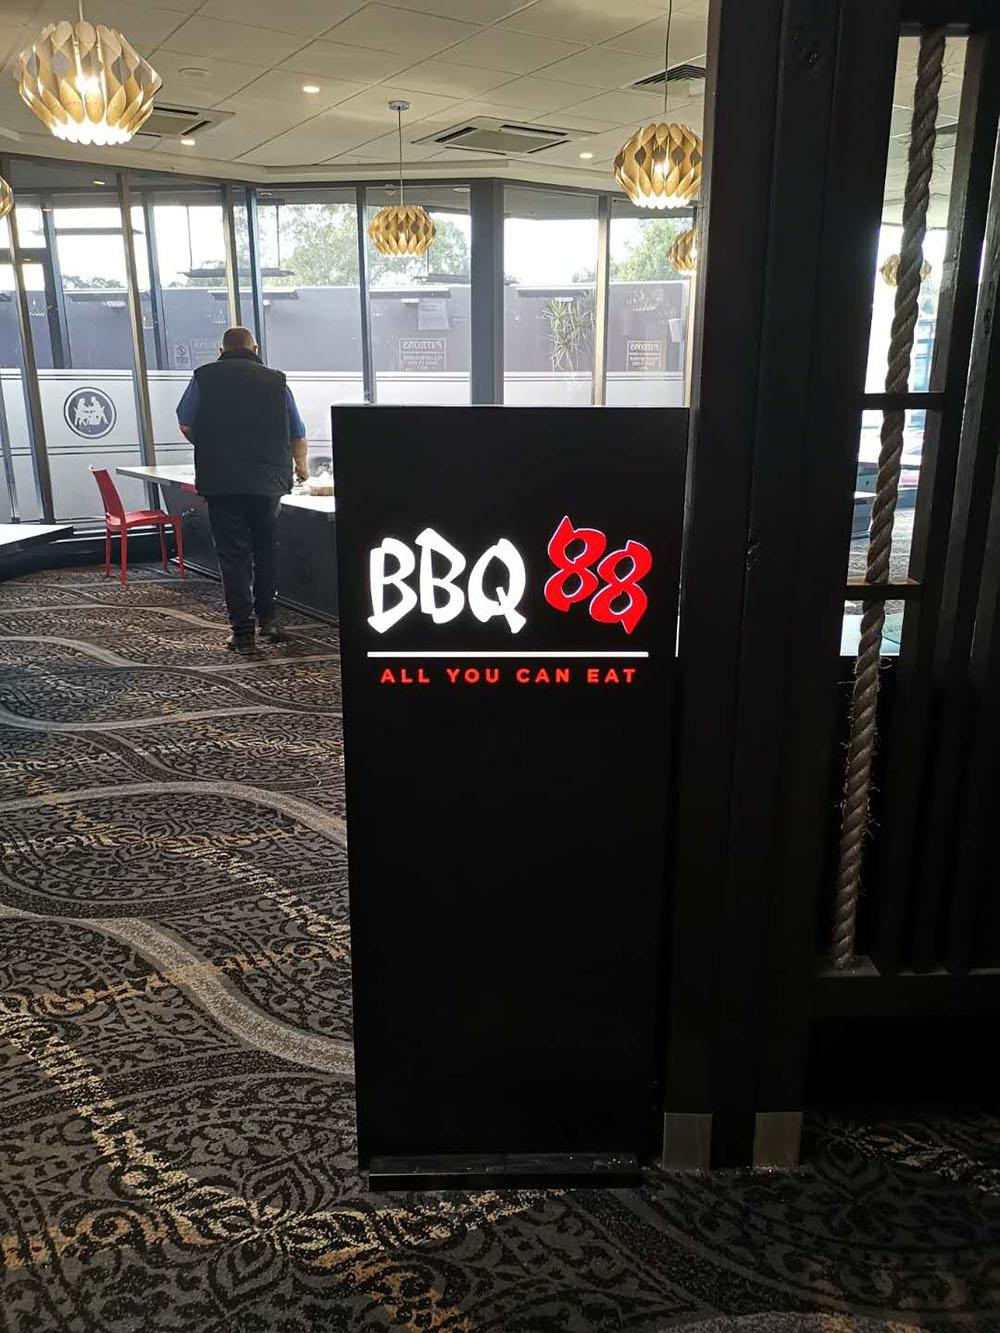 澳洲BBQ类似雷竞技这种靠谱的店Z76B类似雷竞技这种靠谱的桌+DT18类似雷竞技这种靠谱的炉